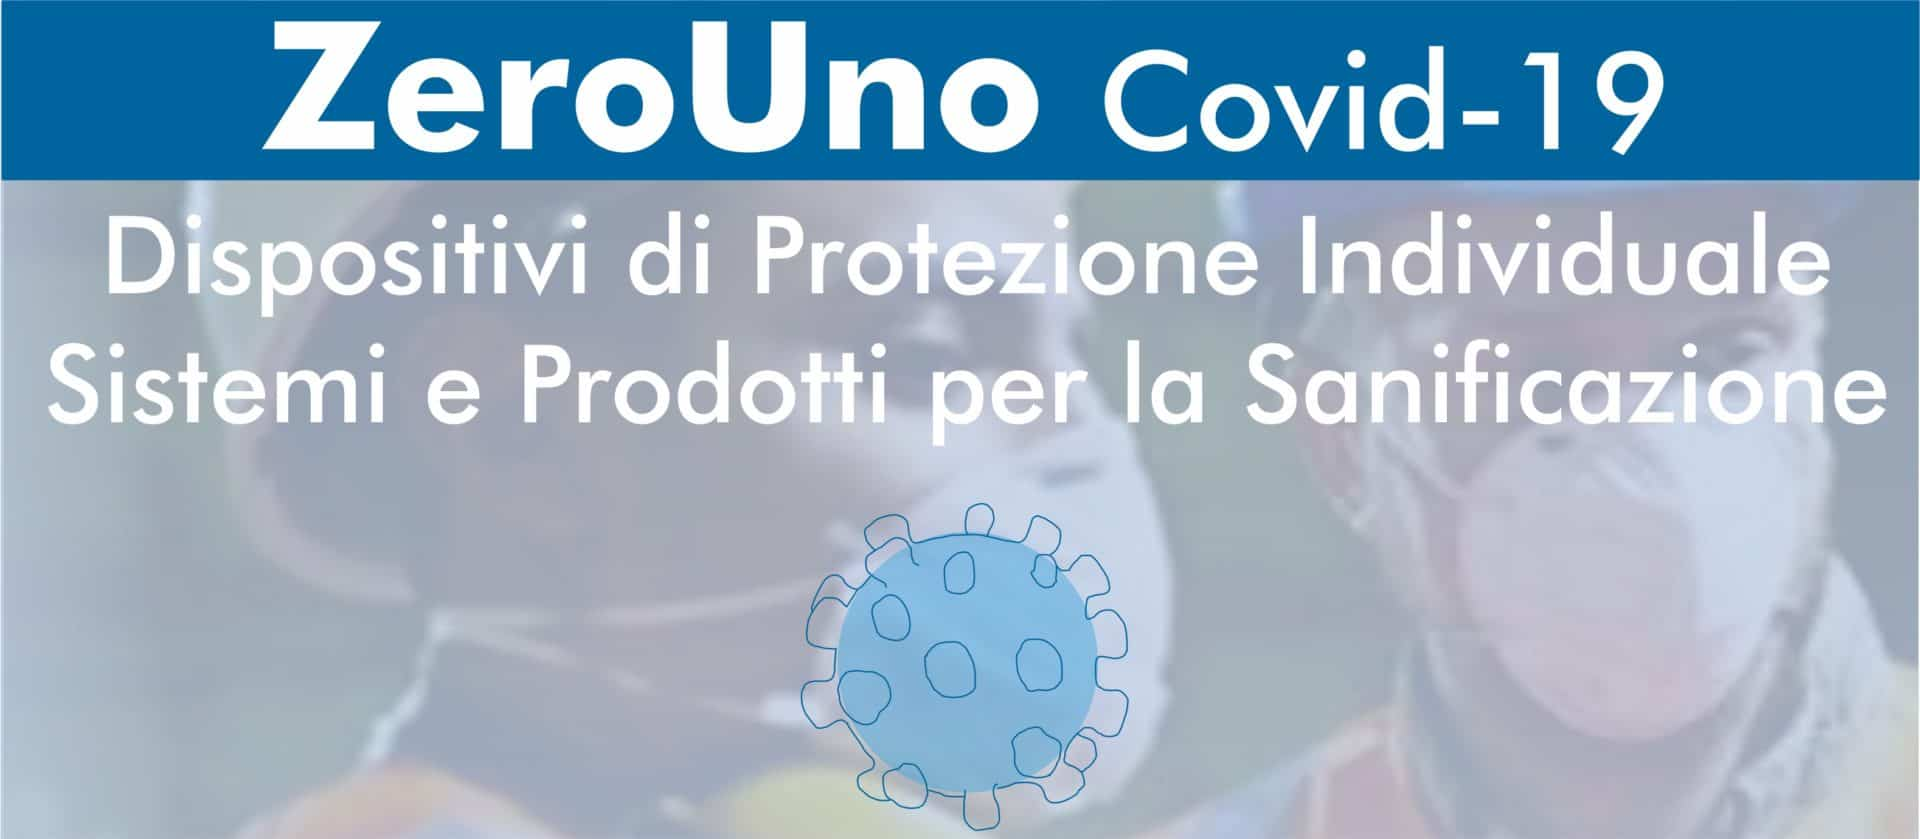 Covid-19 dispositivi di protezione | Elettrogruppo ZeroUno | Torino | zerouno covid immagine principale